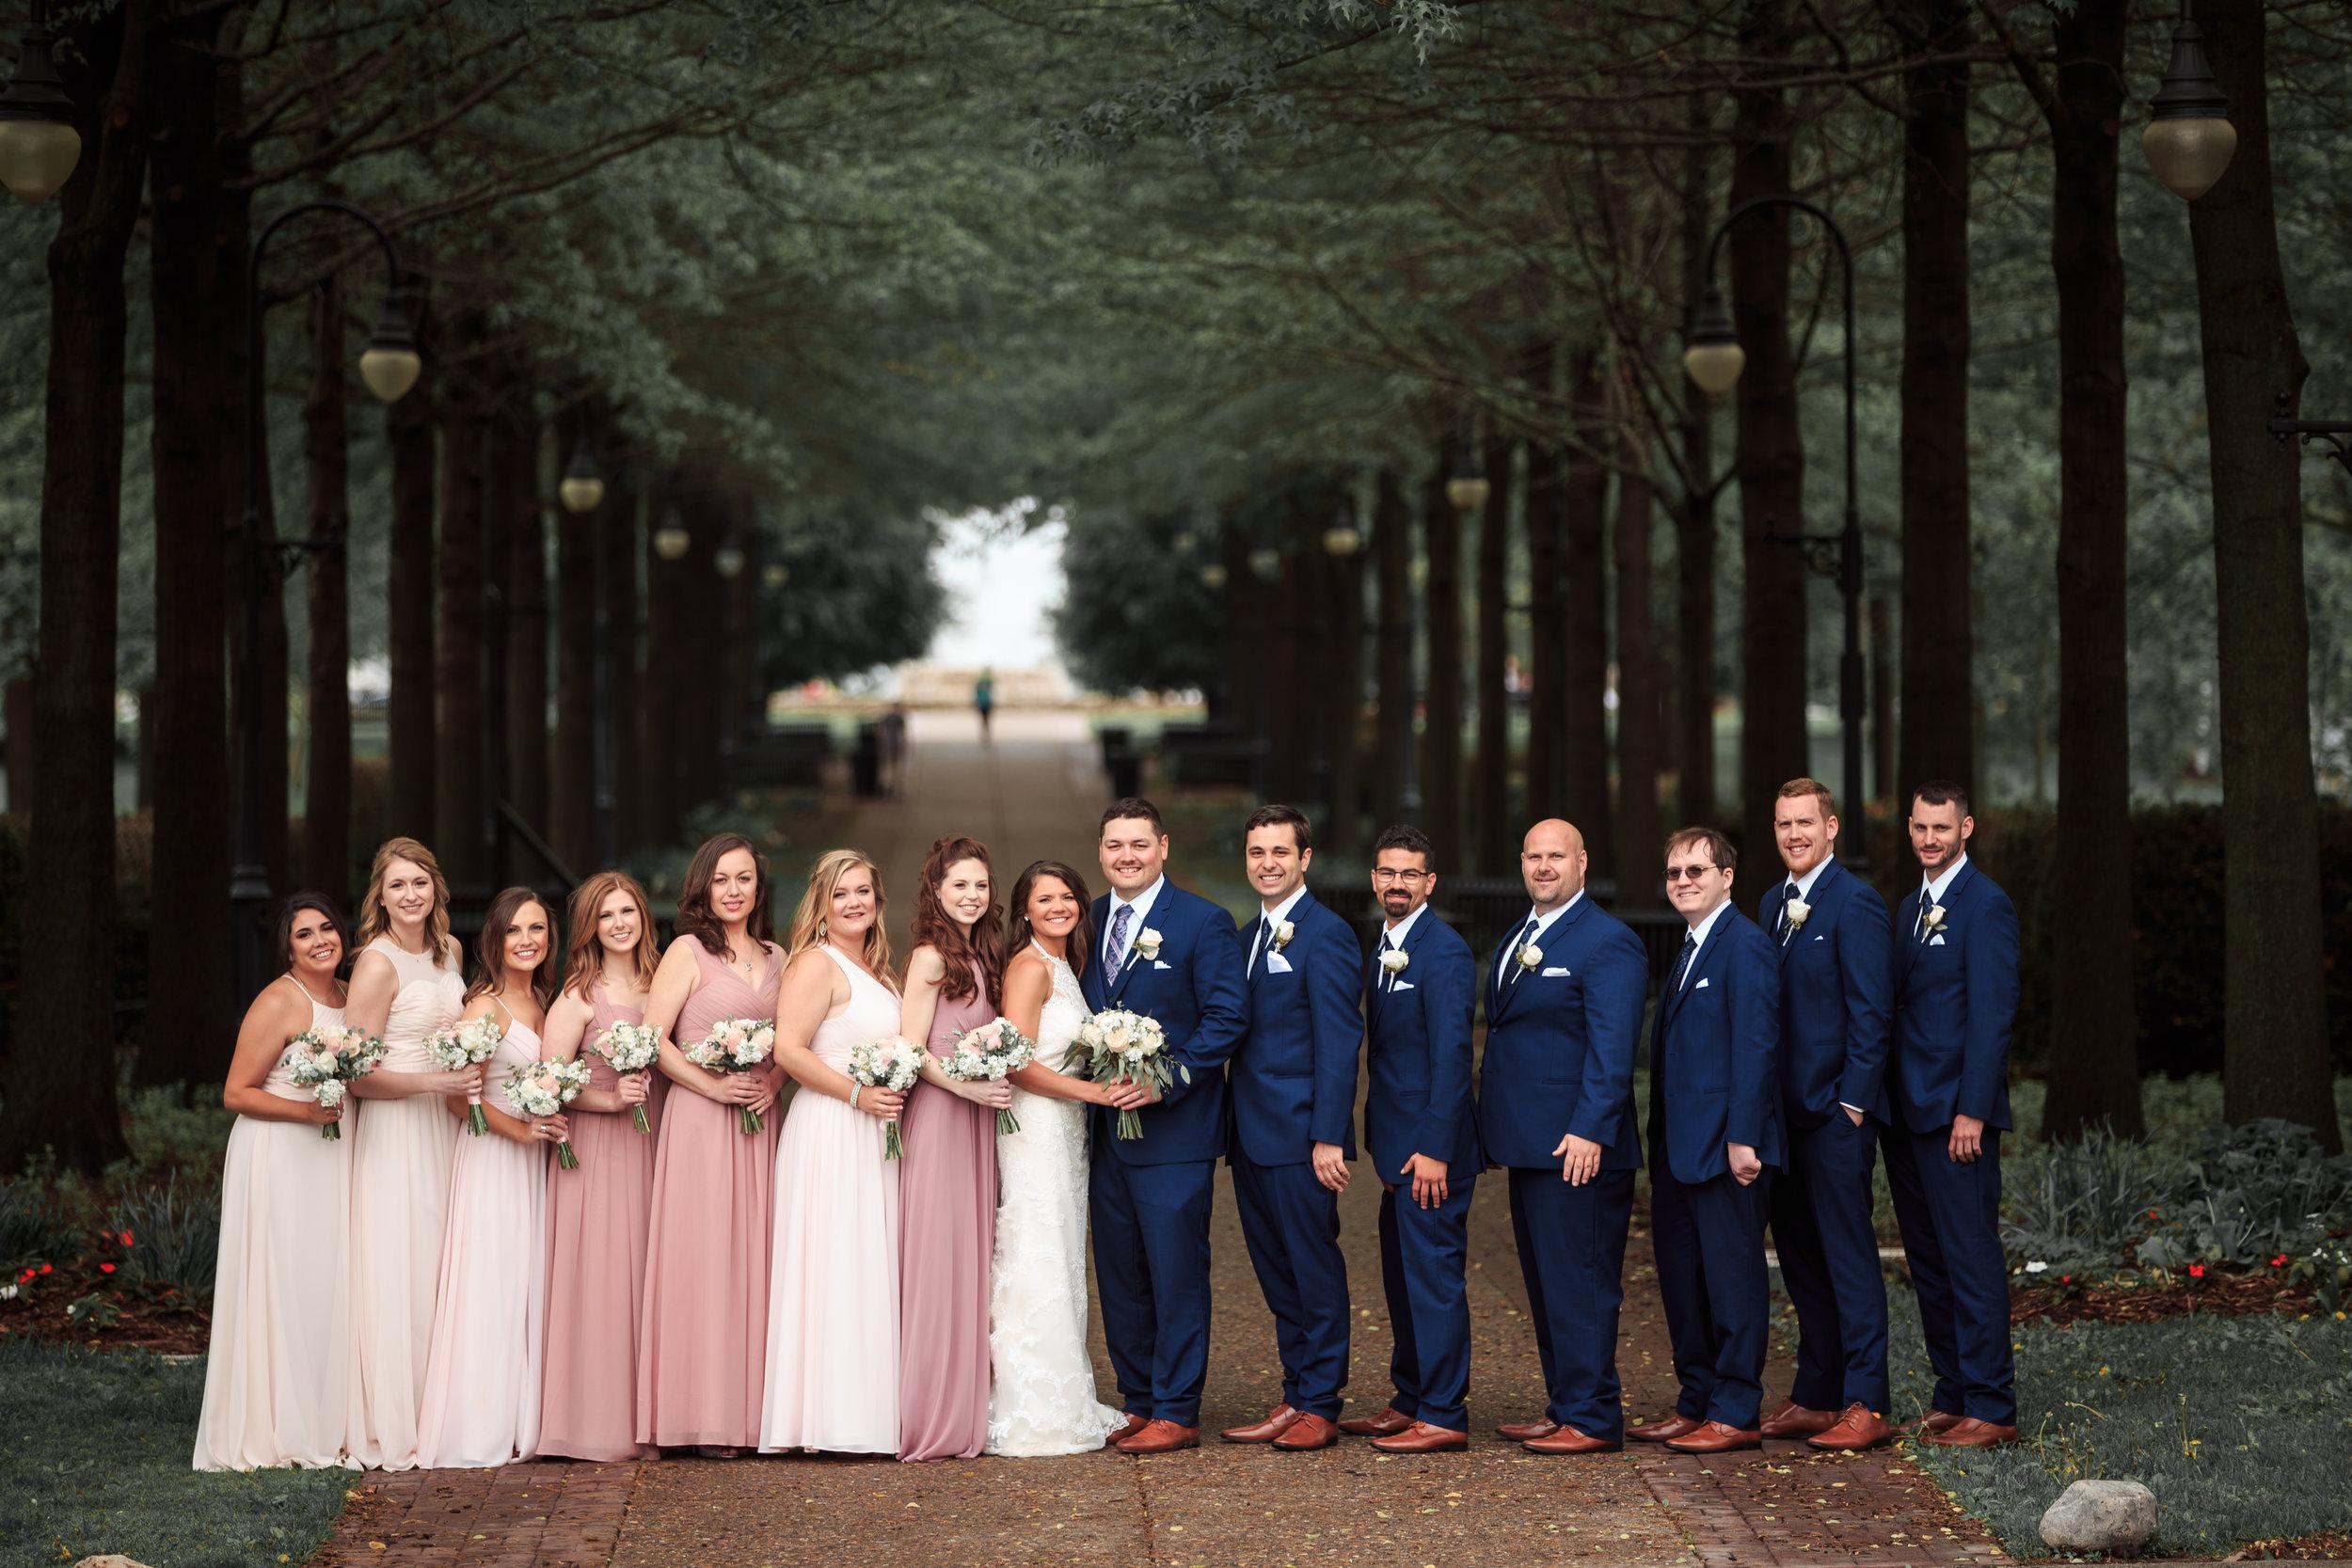 Vandeerveer-quad-cities-wedding.jpg